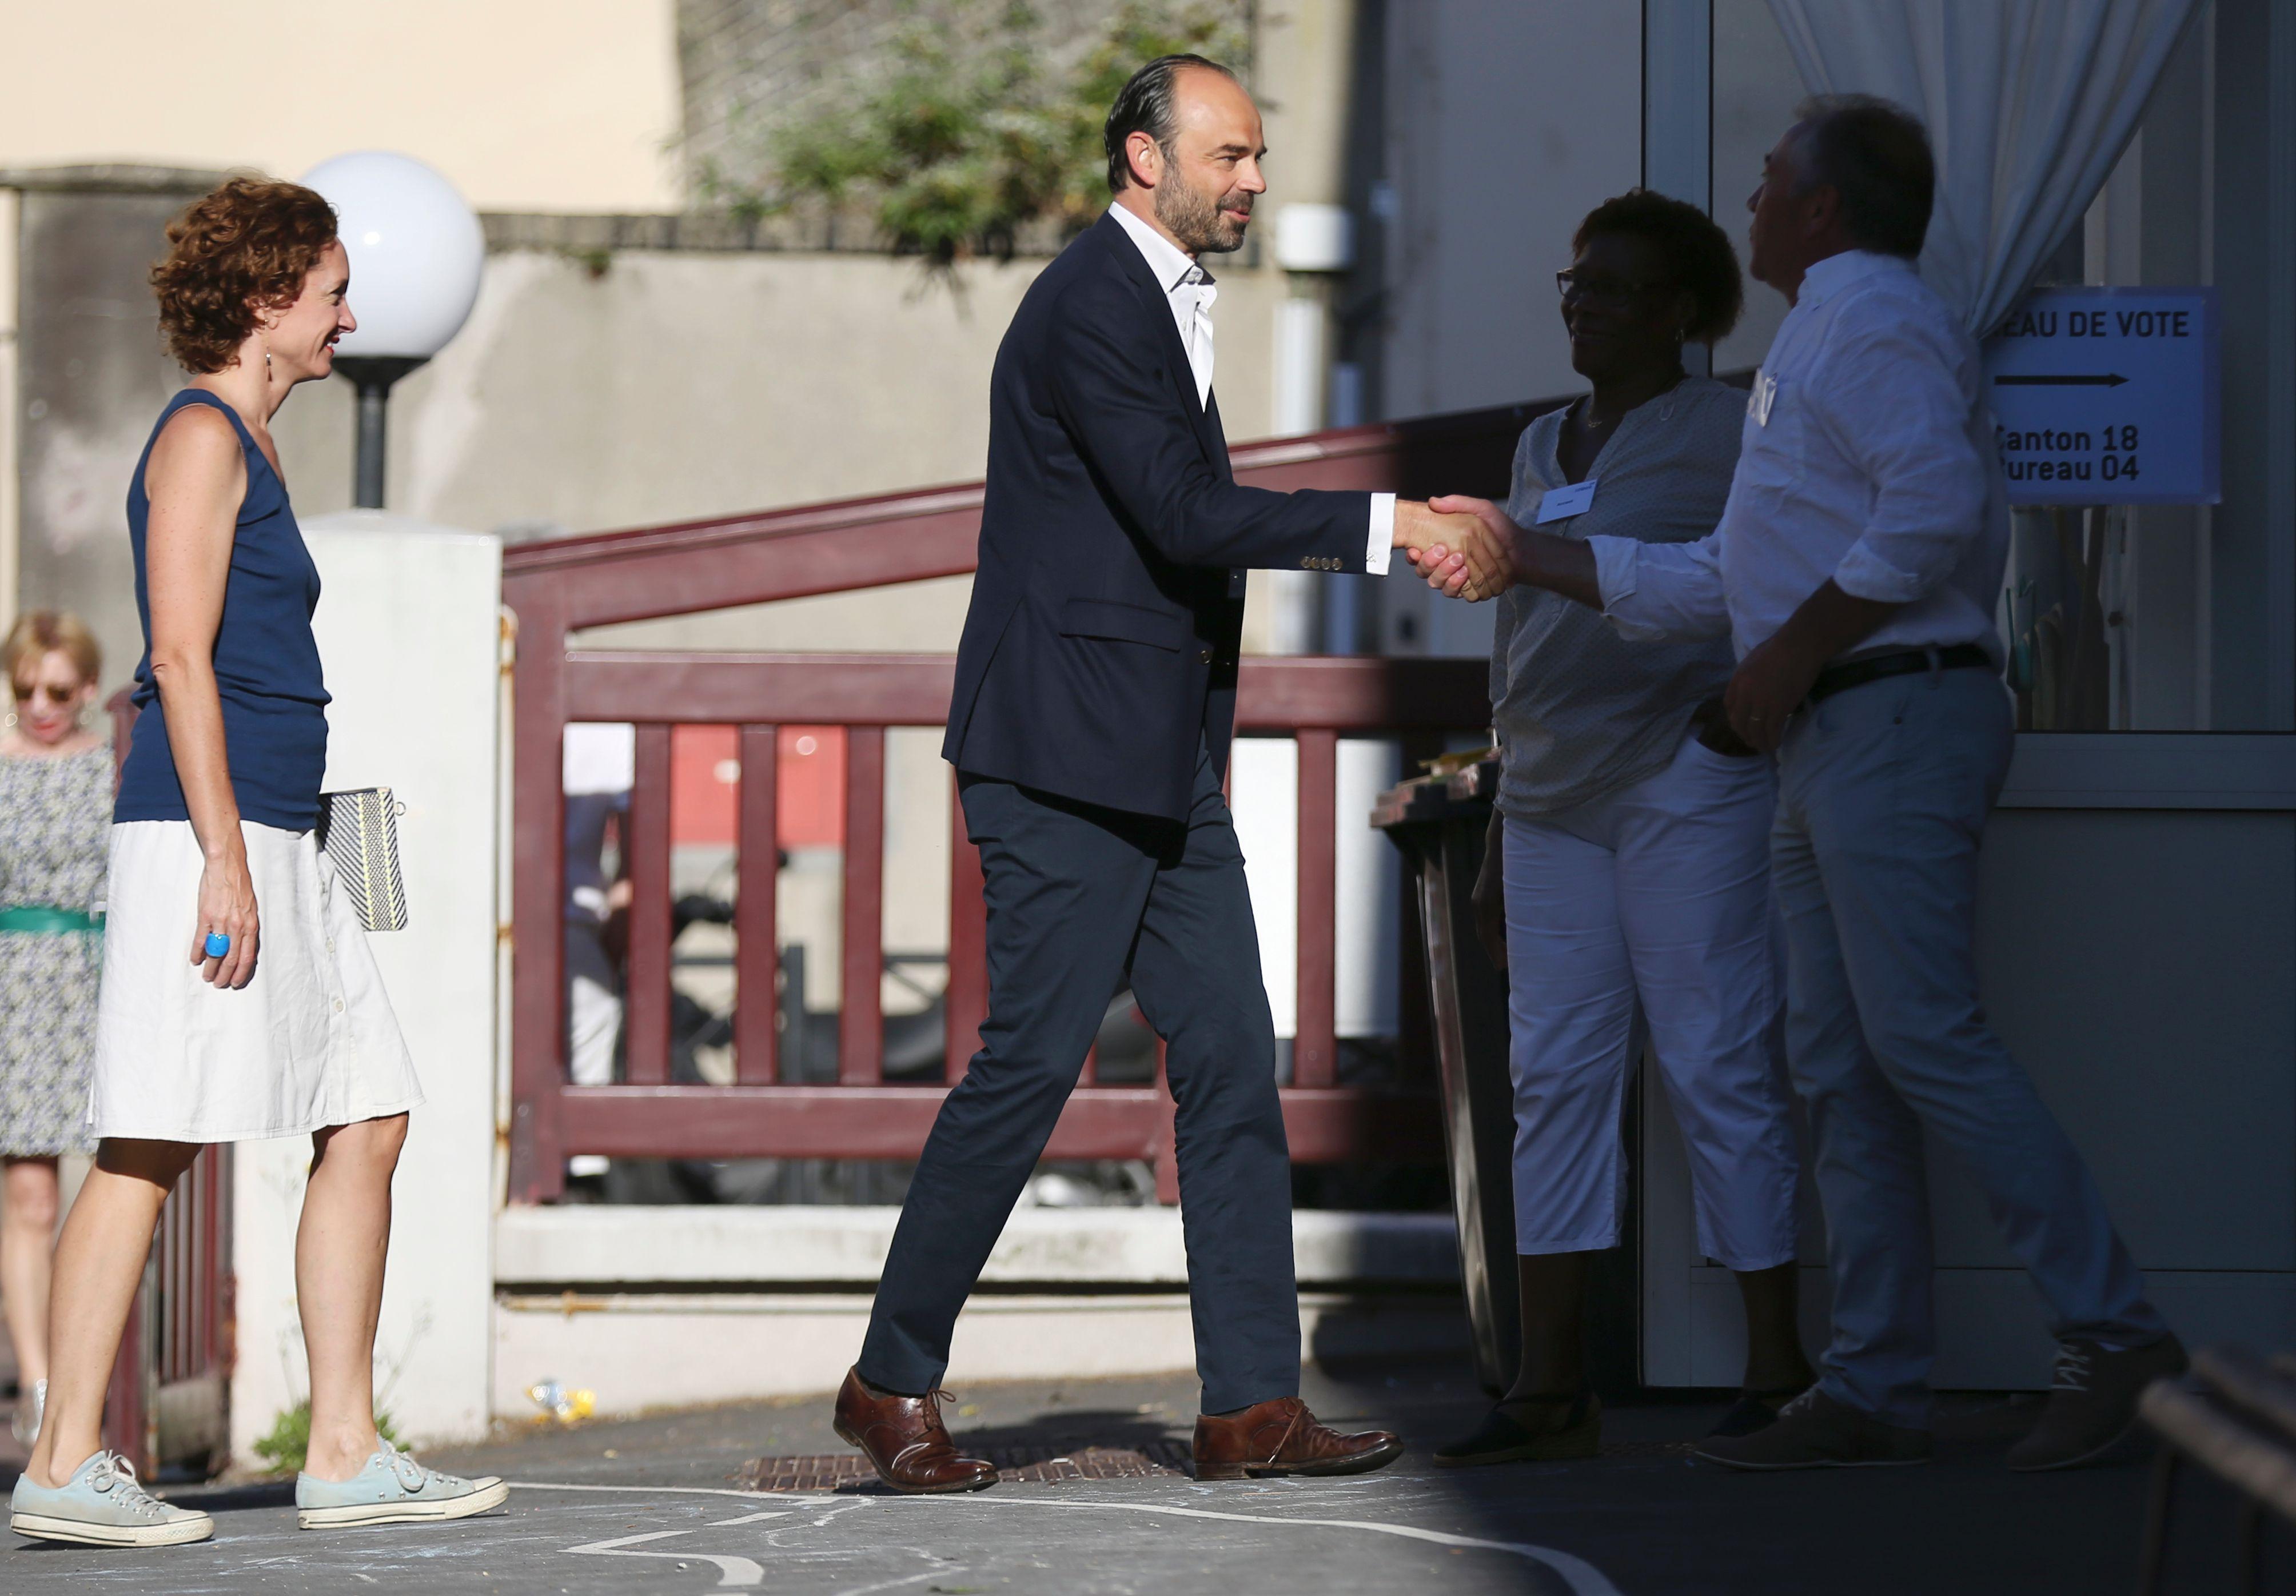 رئيس وزراء فرنسا يصافح المشرفين على الانتخابات التشريعية